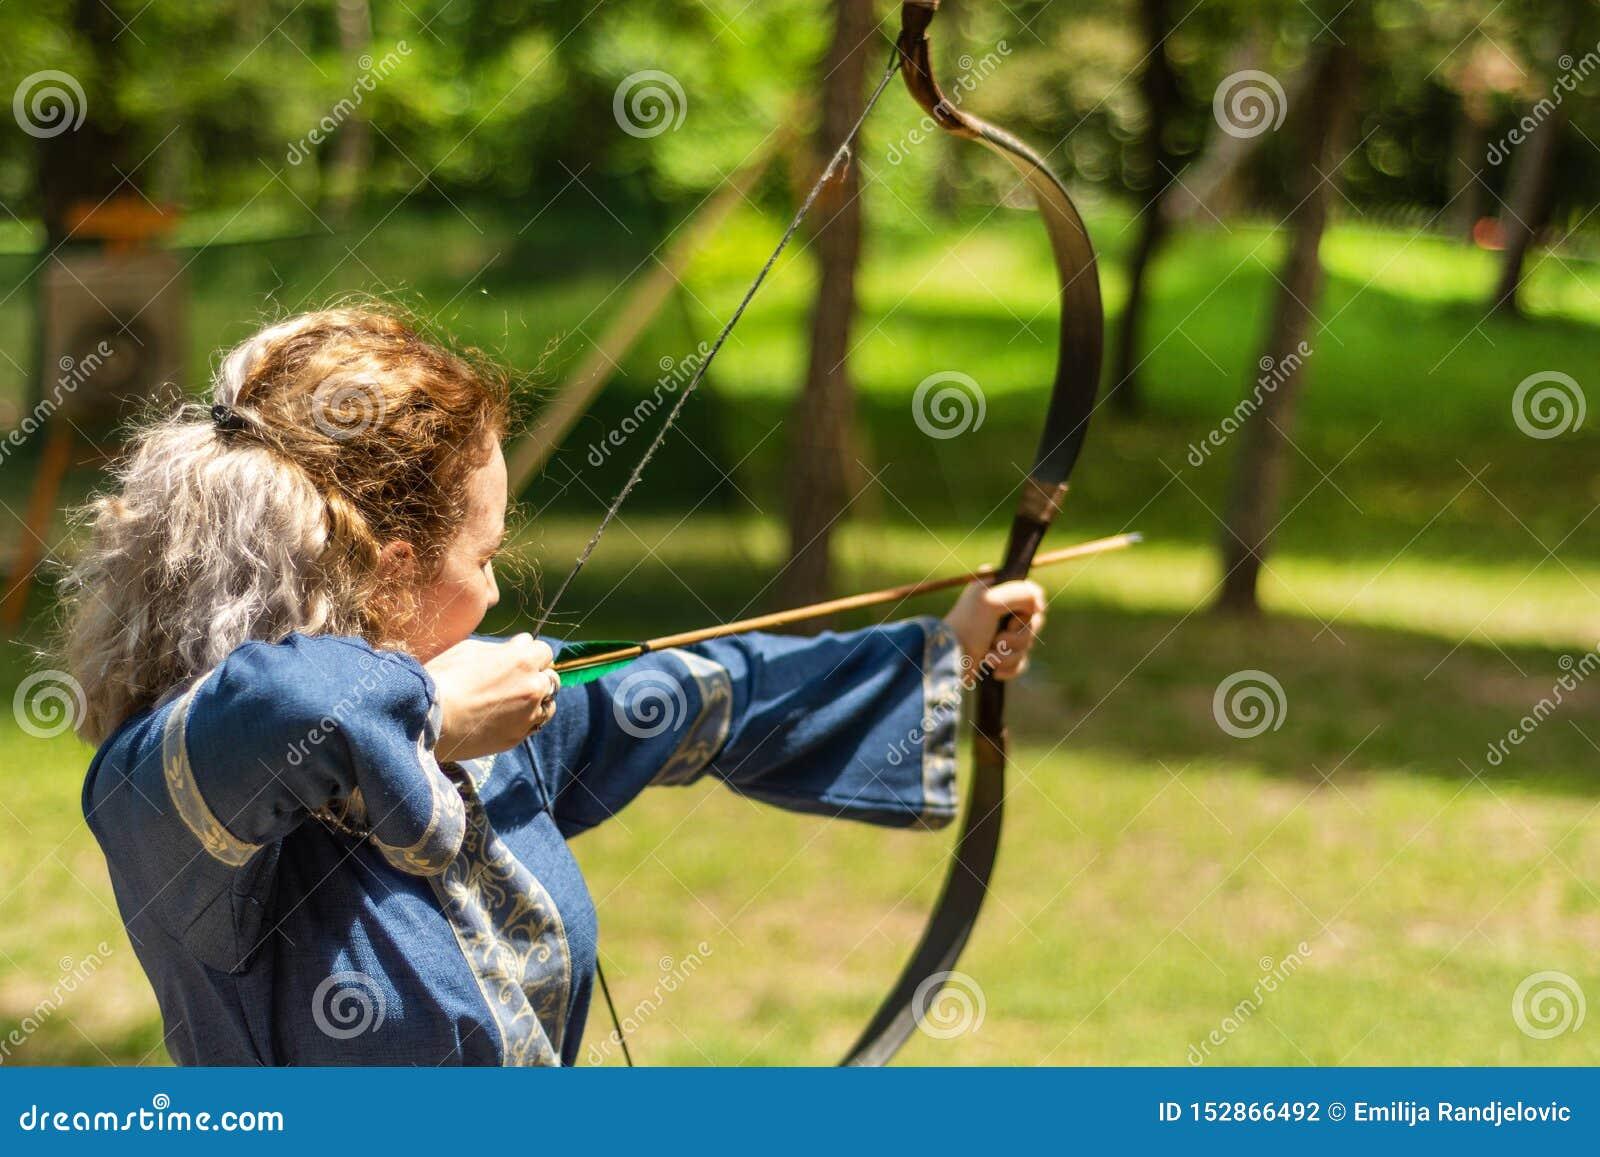 Frauenbogenschütze mit Bogentriebpfeil im Wald auf Ritterfestival in einer traditionellen Klage